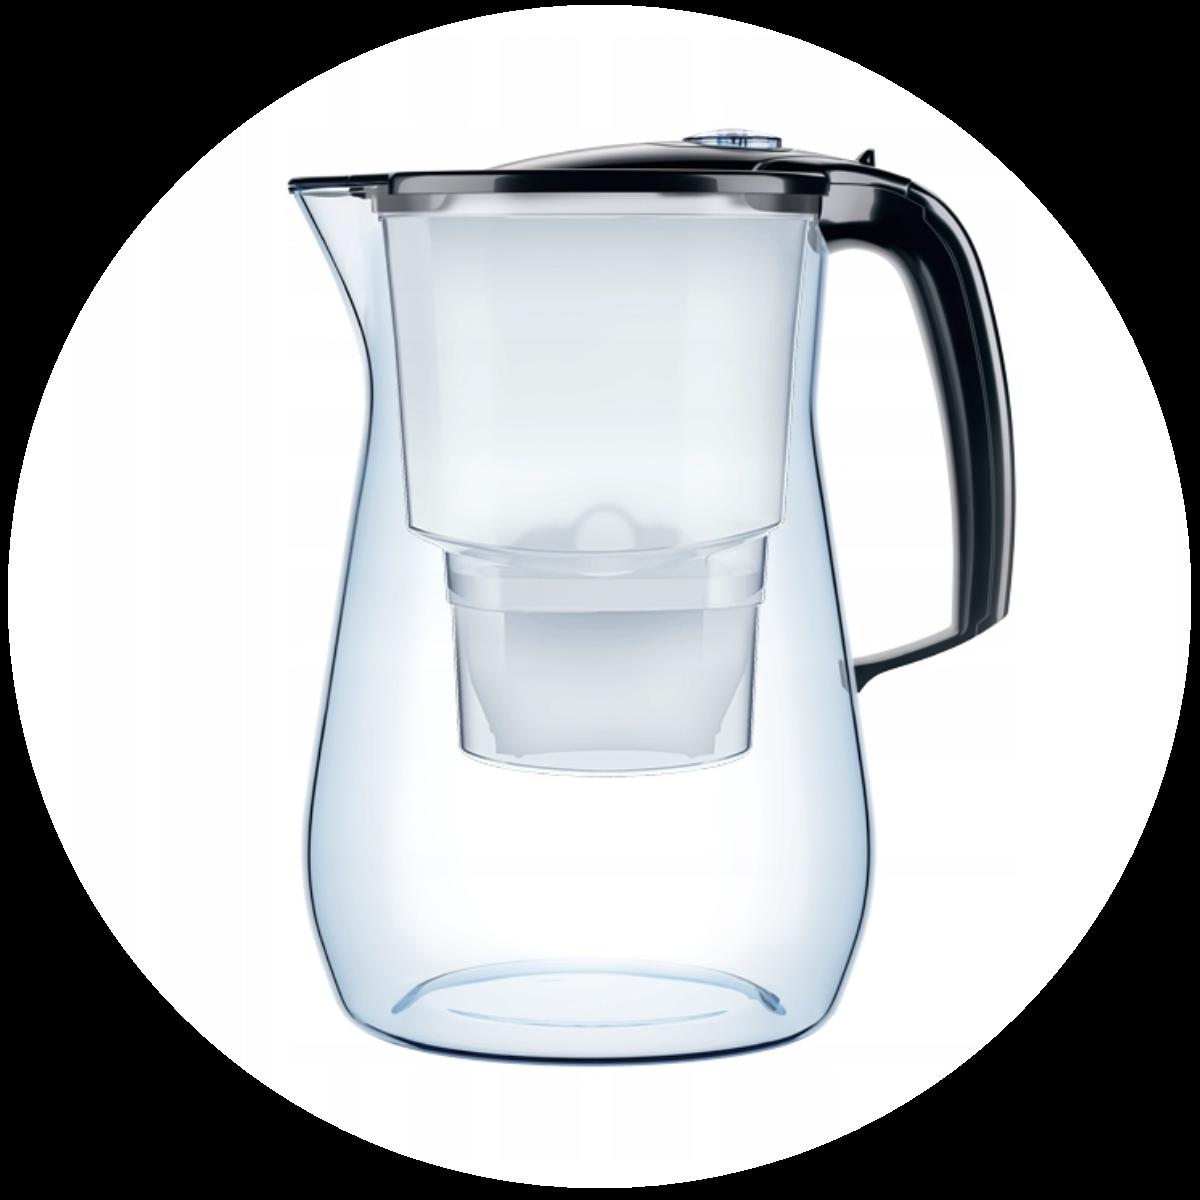 Aquaphor Onyx (czarny) dzbanek filtrujący - zmywarka